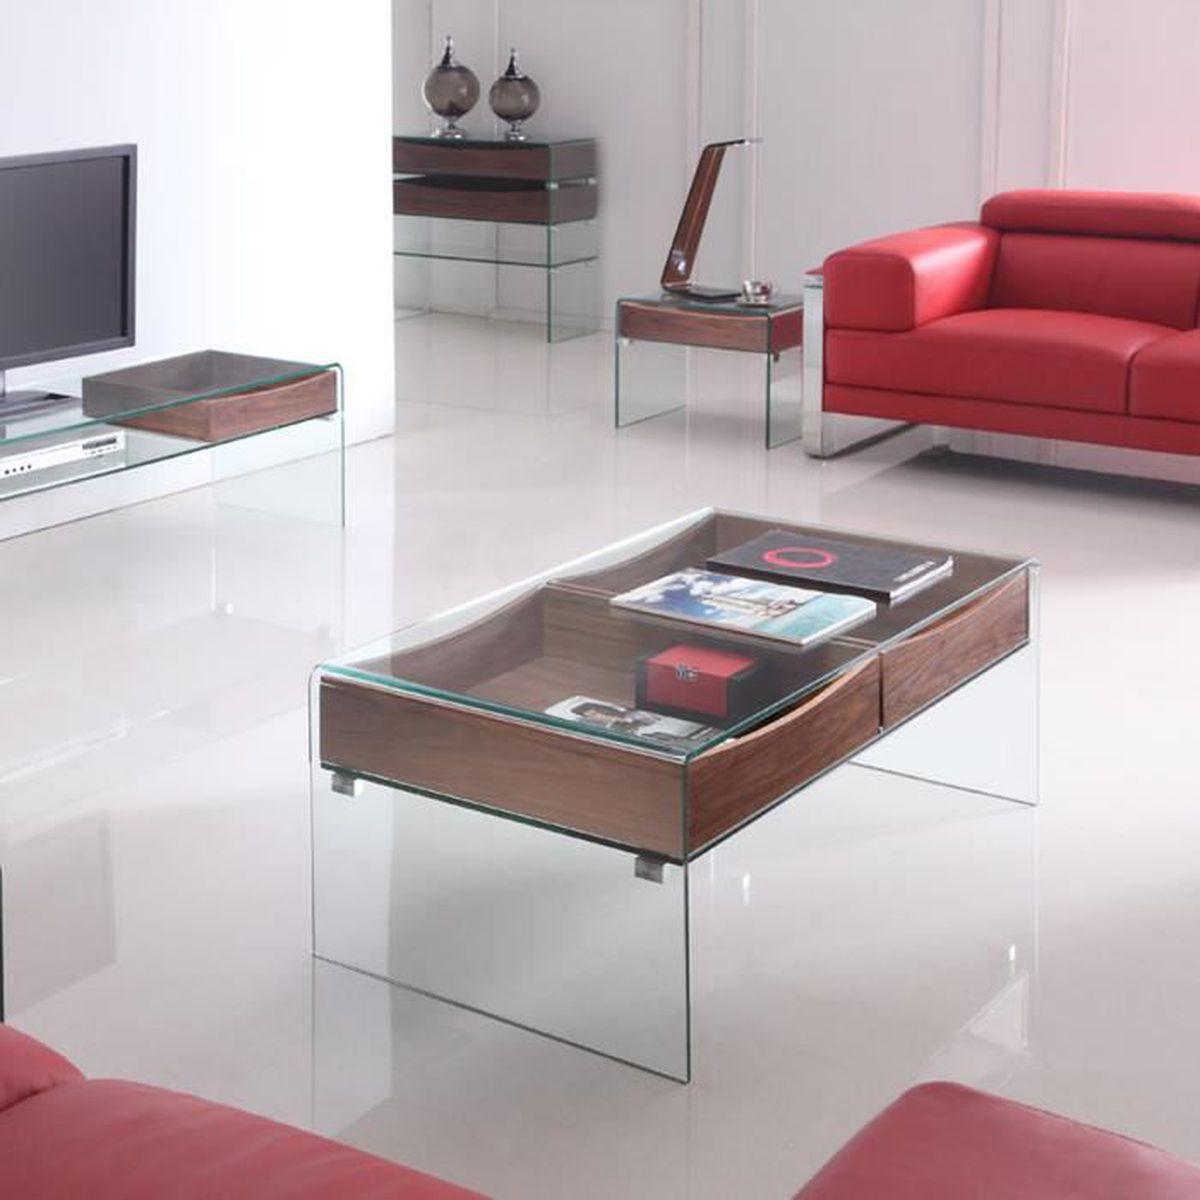 Table basse en verre glasswood achat vente table basse - Table basse en verre cdiscount ...